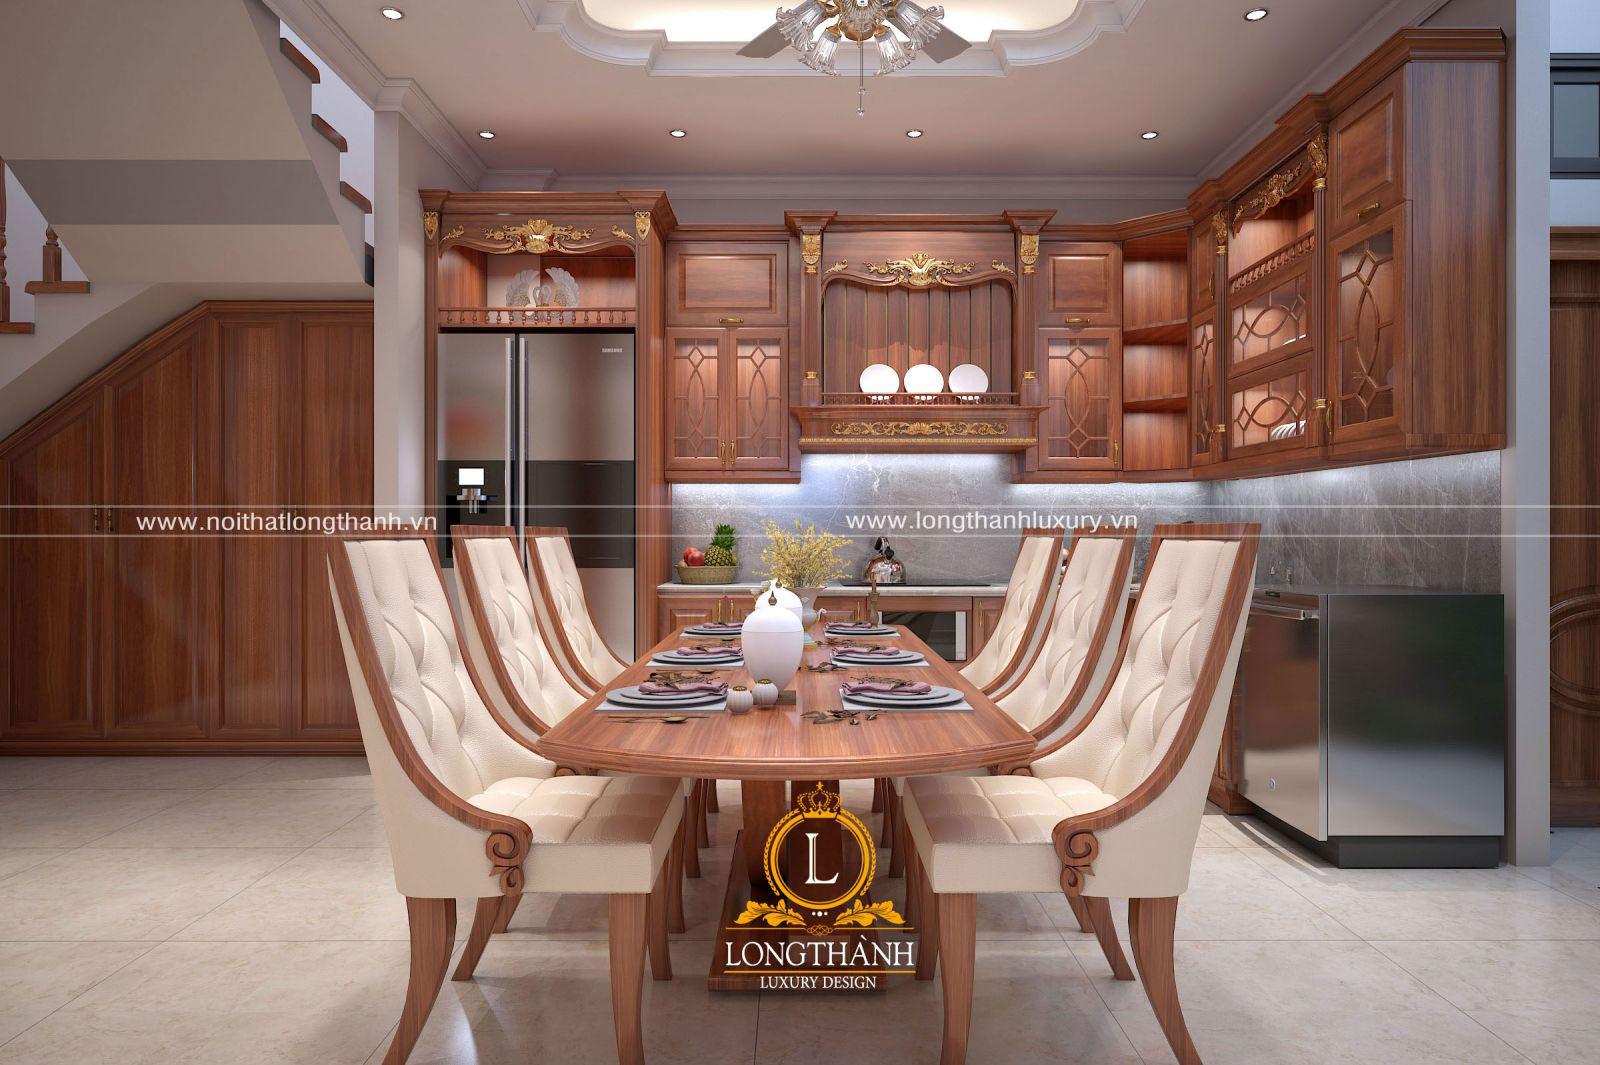 Tủ bếp gỗ Gõ đẹp LT53 góc nhìn thứ 3